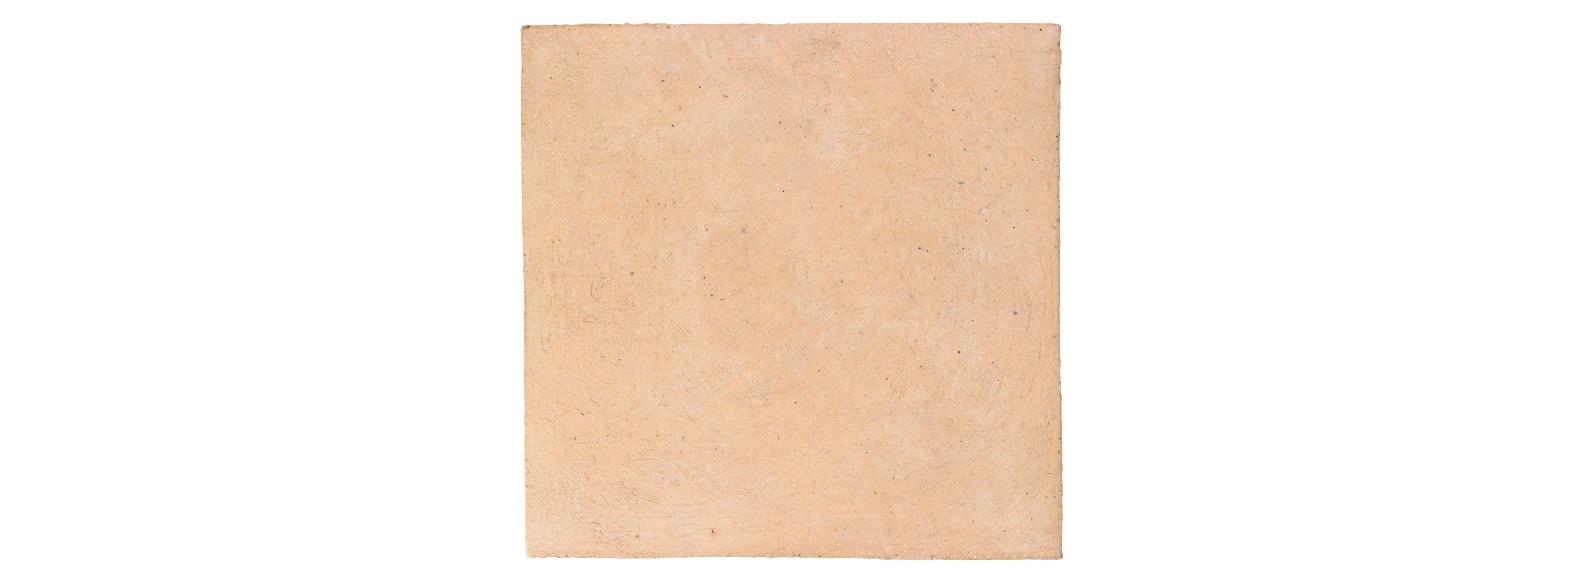 Échantillon Patiné Main Extérieur - Sable Rosé Clair